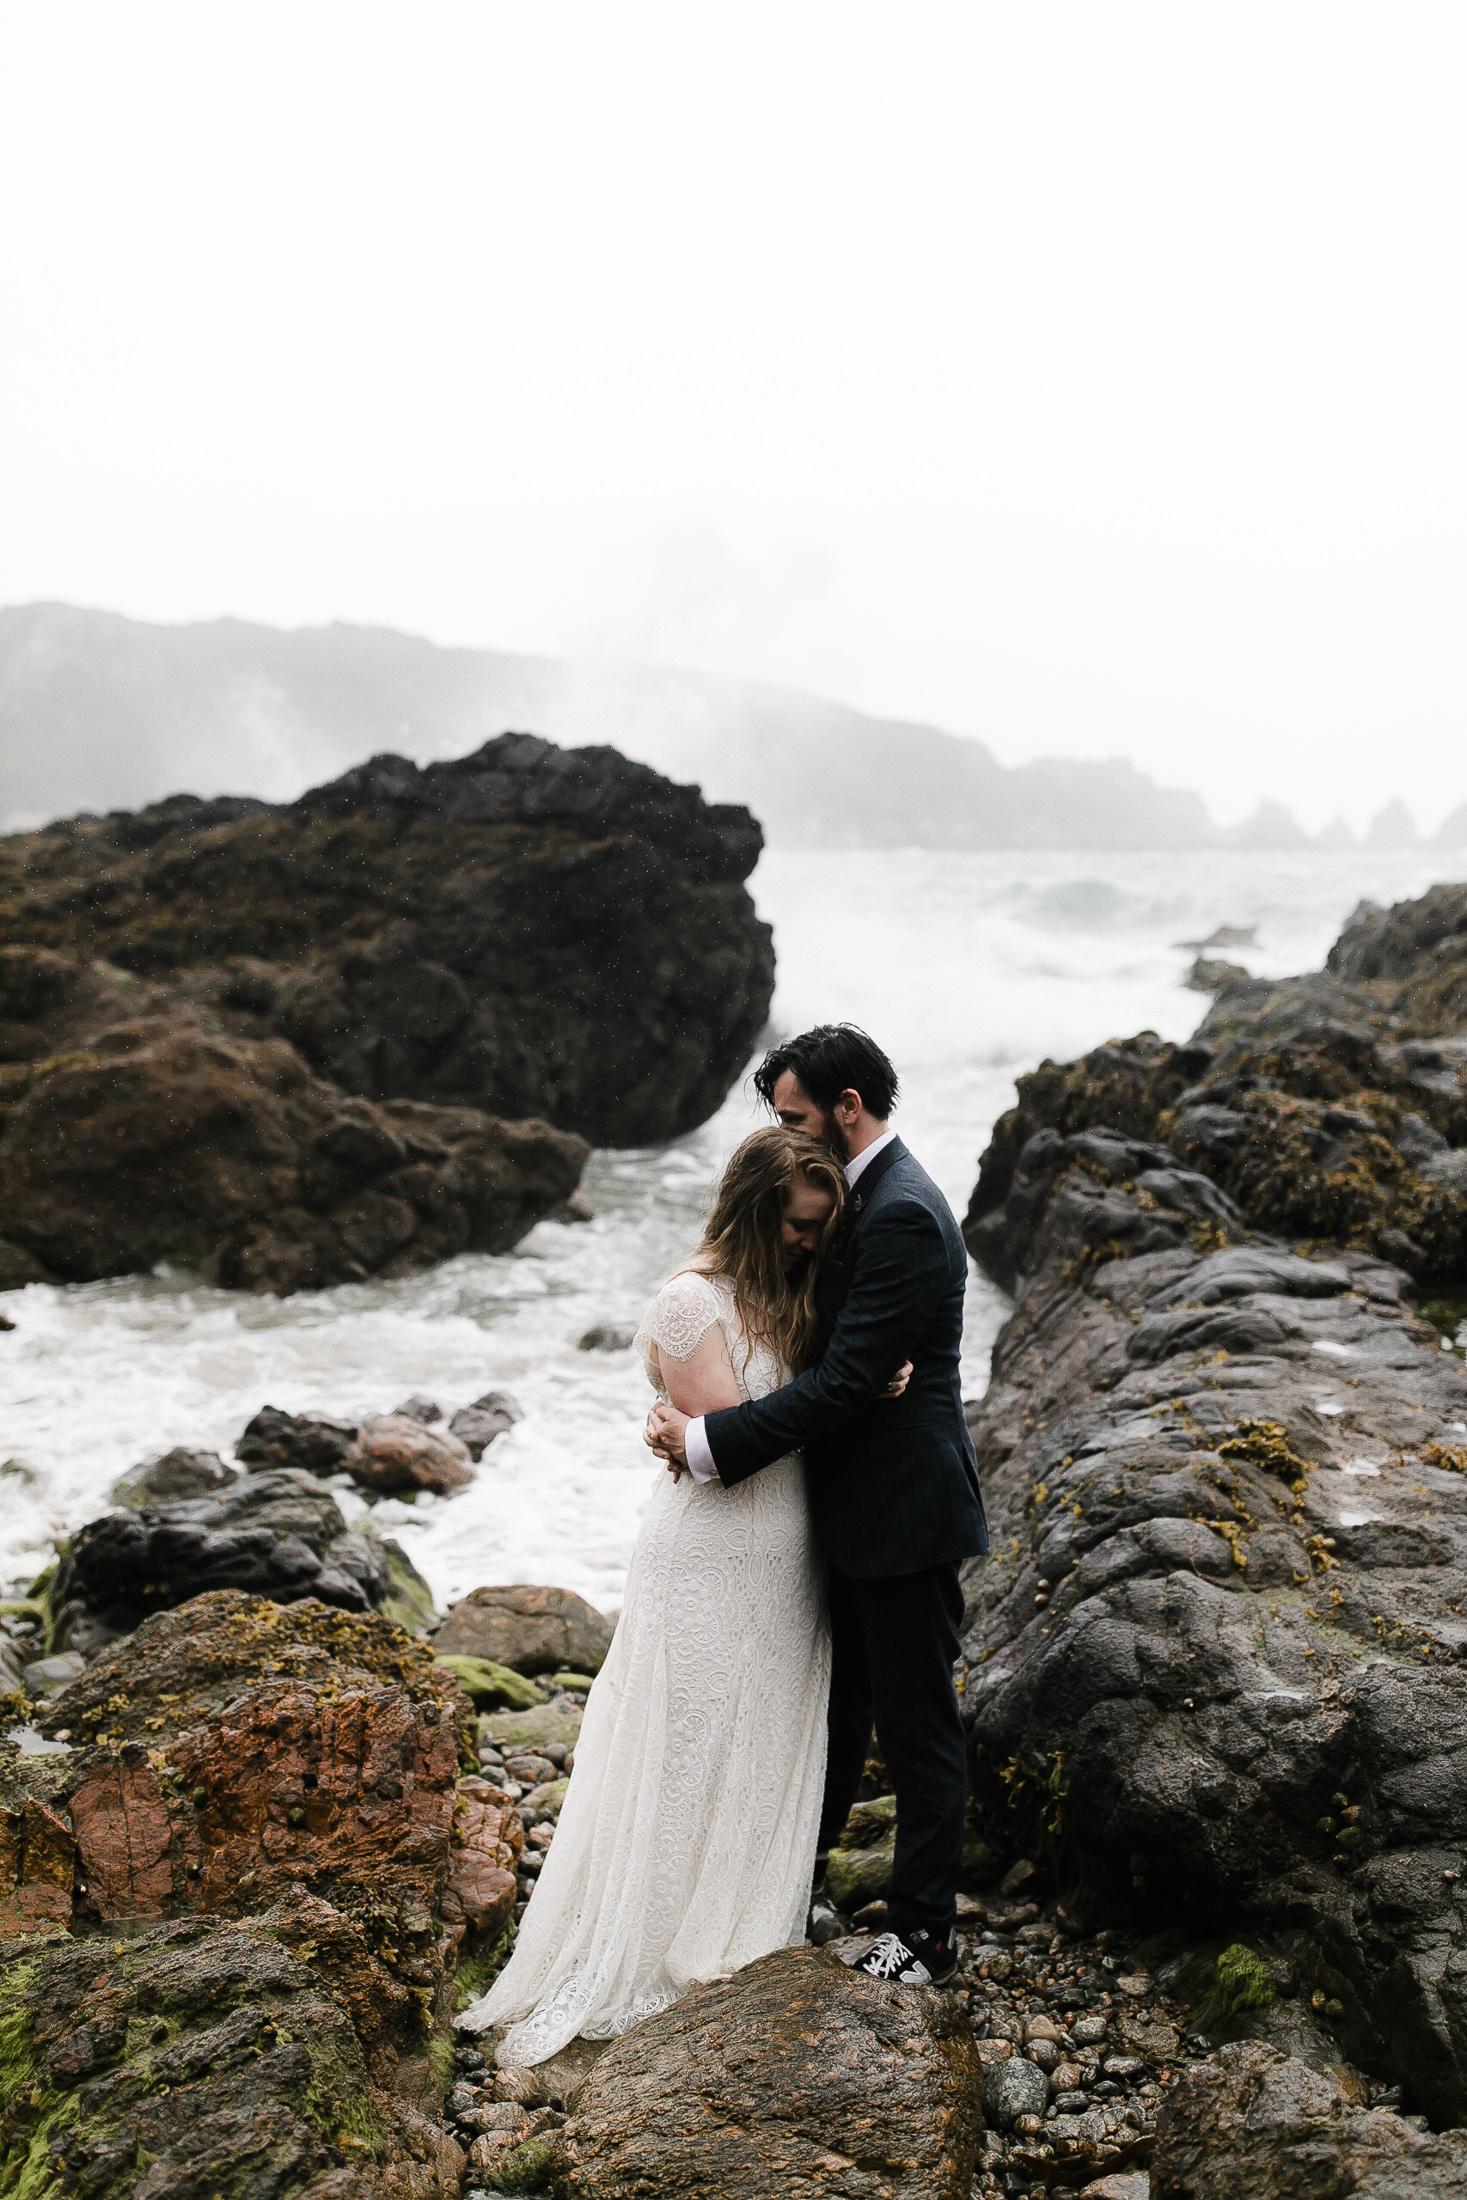 Guernsey_Wedding_Moulet_Huet_263.jpg